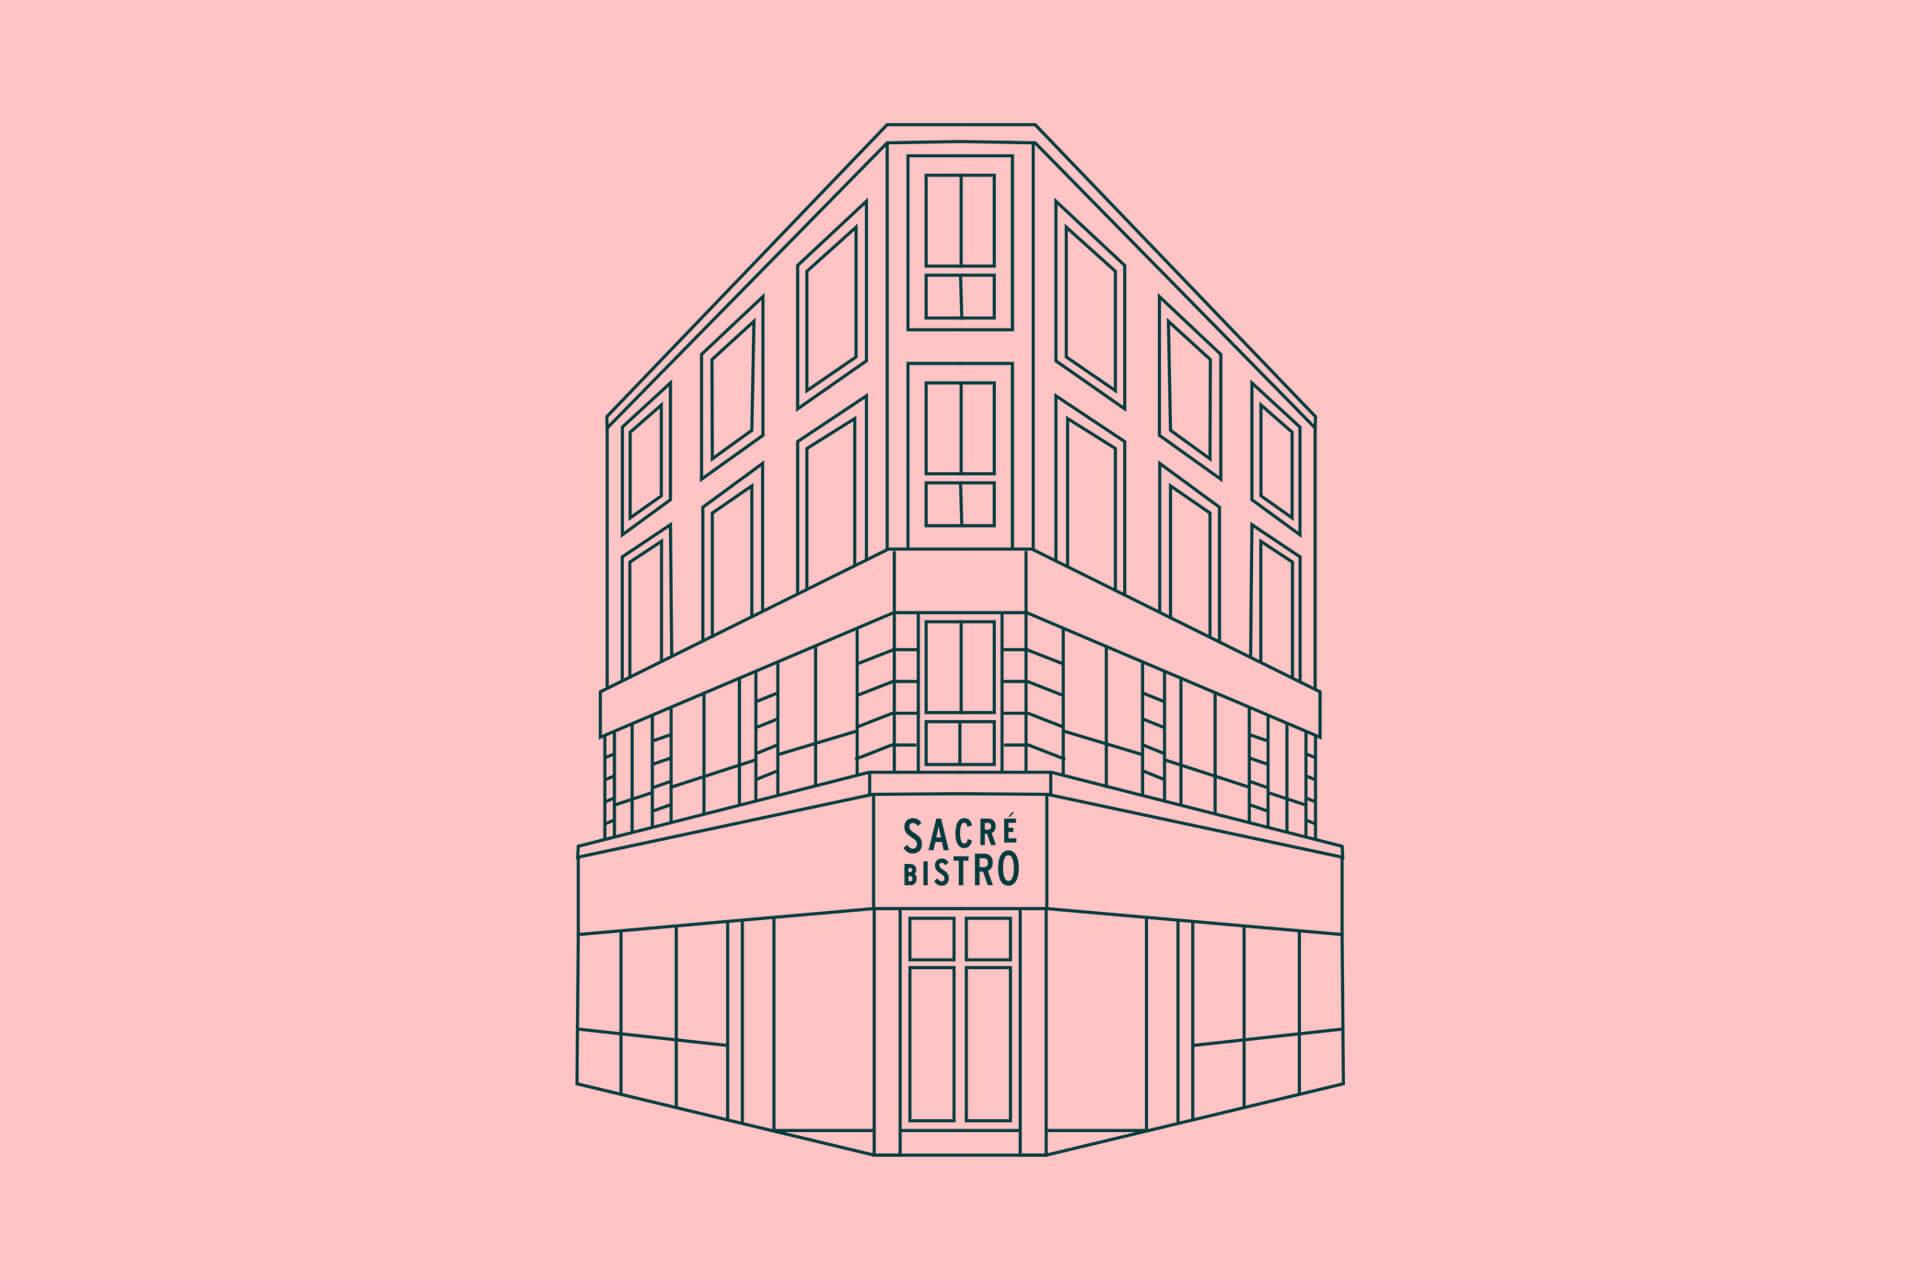 sacre-bistro-plastac-facade02